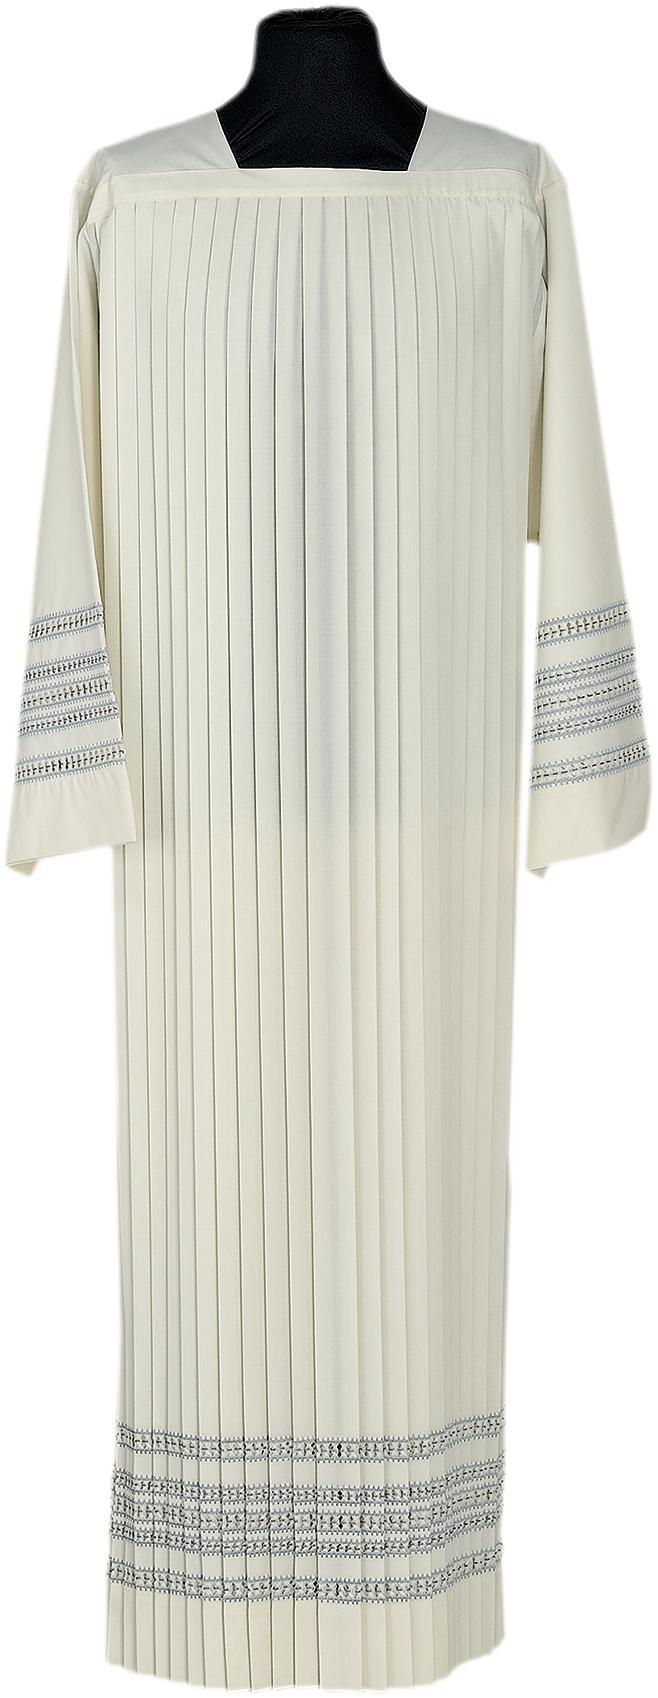 """Camice """"Acerenza-2"""" Maranatha Lab in tessuto misto lana plissettato con ricamo a cinique giri di punto gigliuccio"""